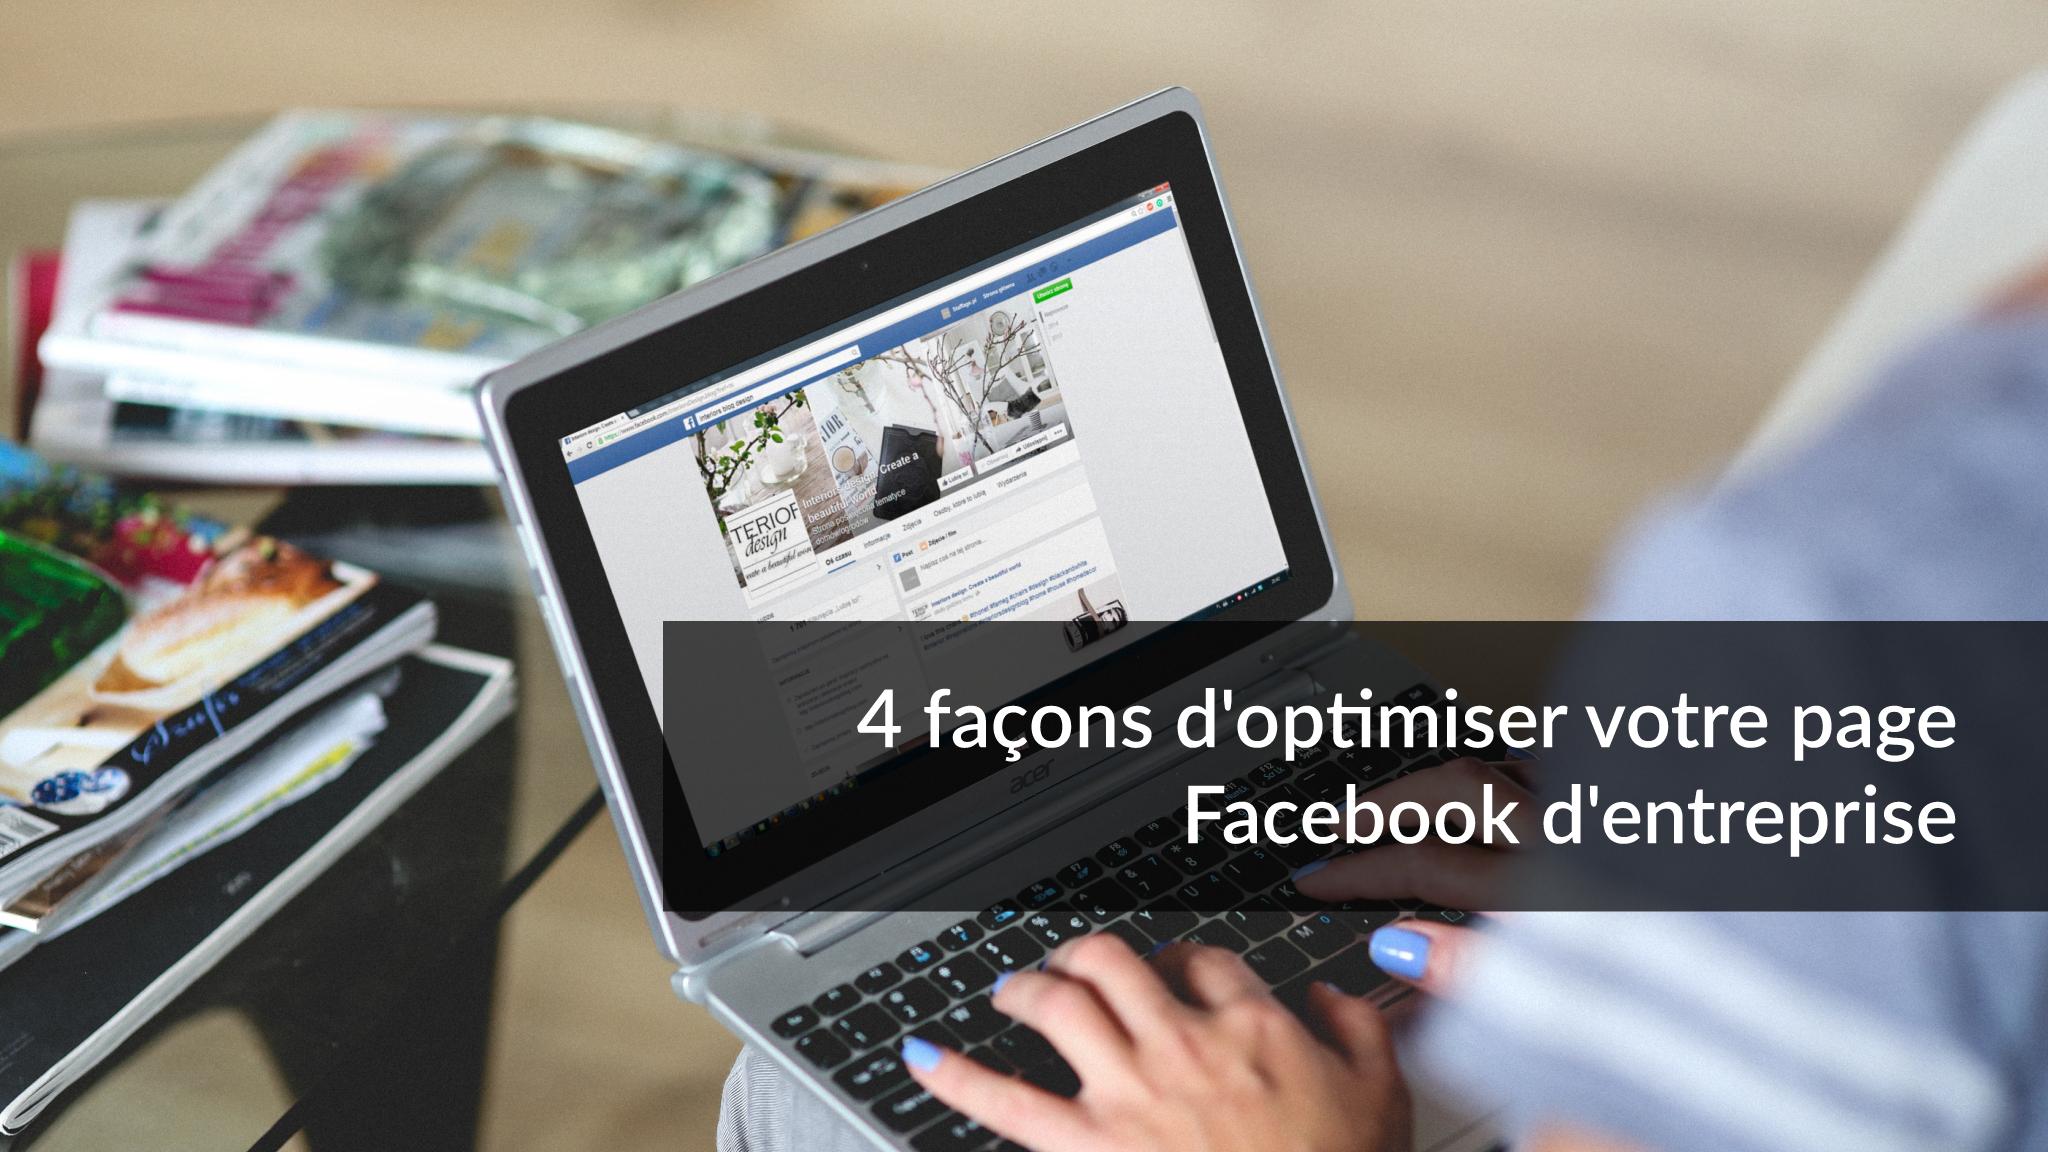 4 façons d'optimiser votre page Facebook d'entreprise | Studio Grafik